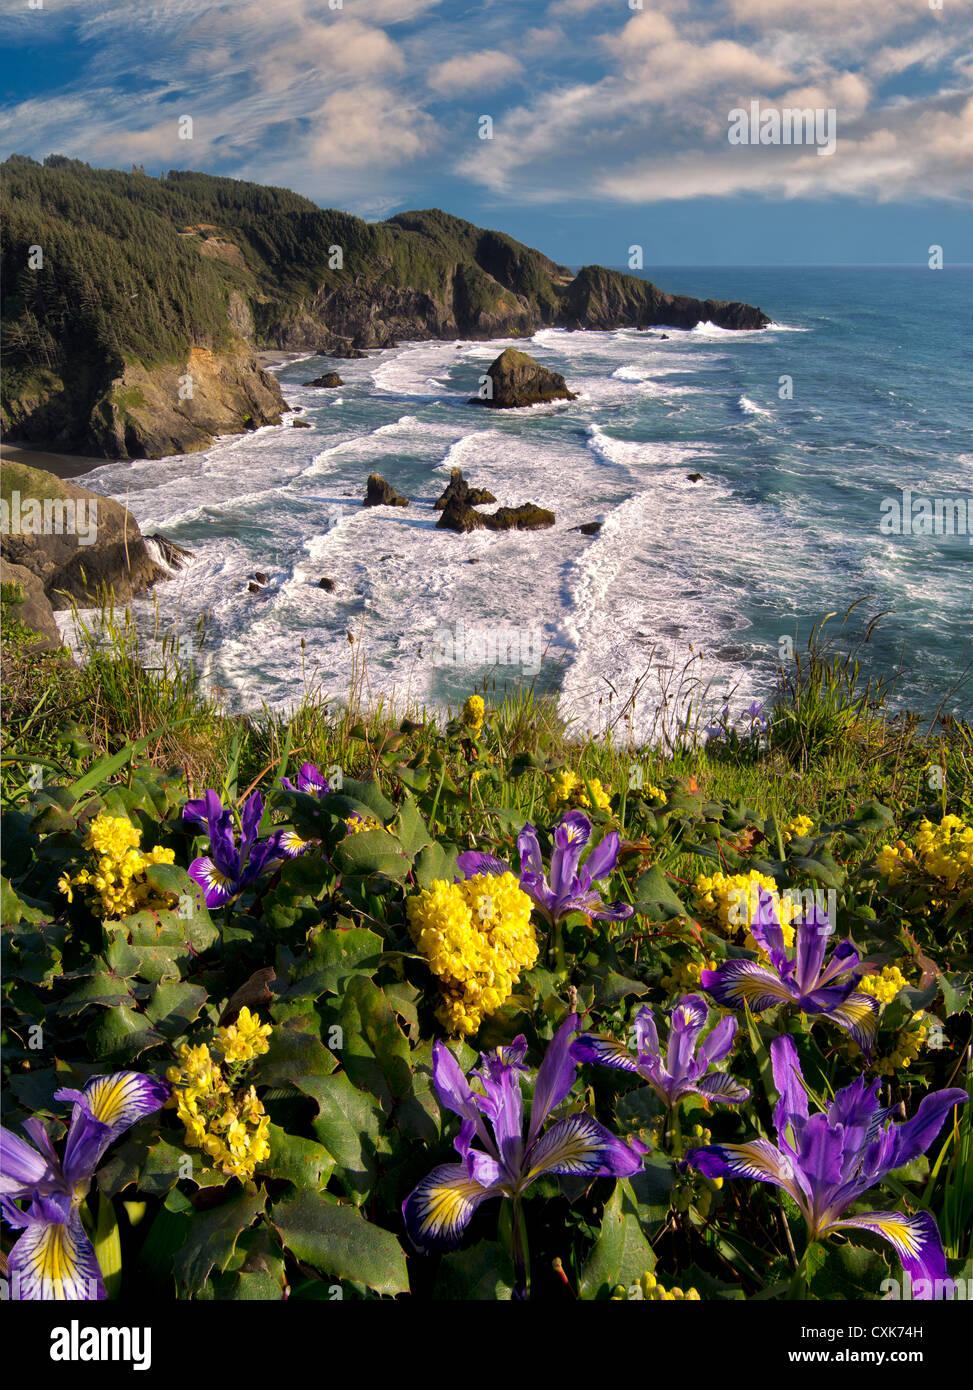 Iris sauvages et de l'Oregon la viticulture sur falaise dominant Samuel H. Boardman State Scenic Corridor. Oregon Banque D'Images